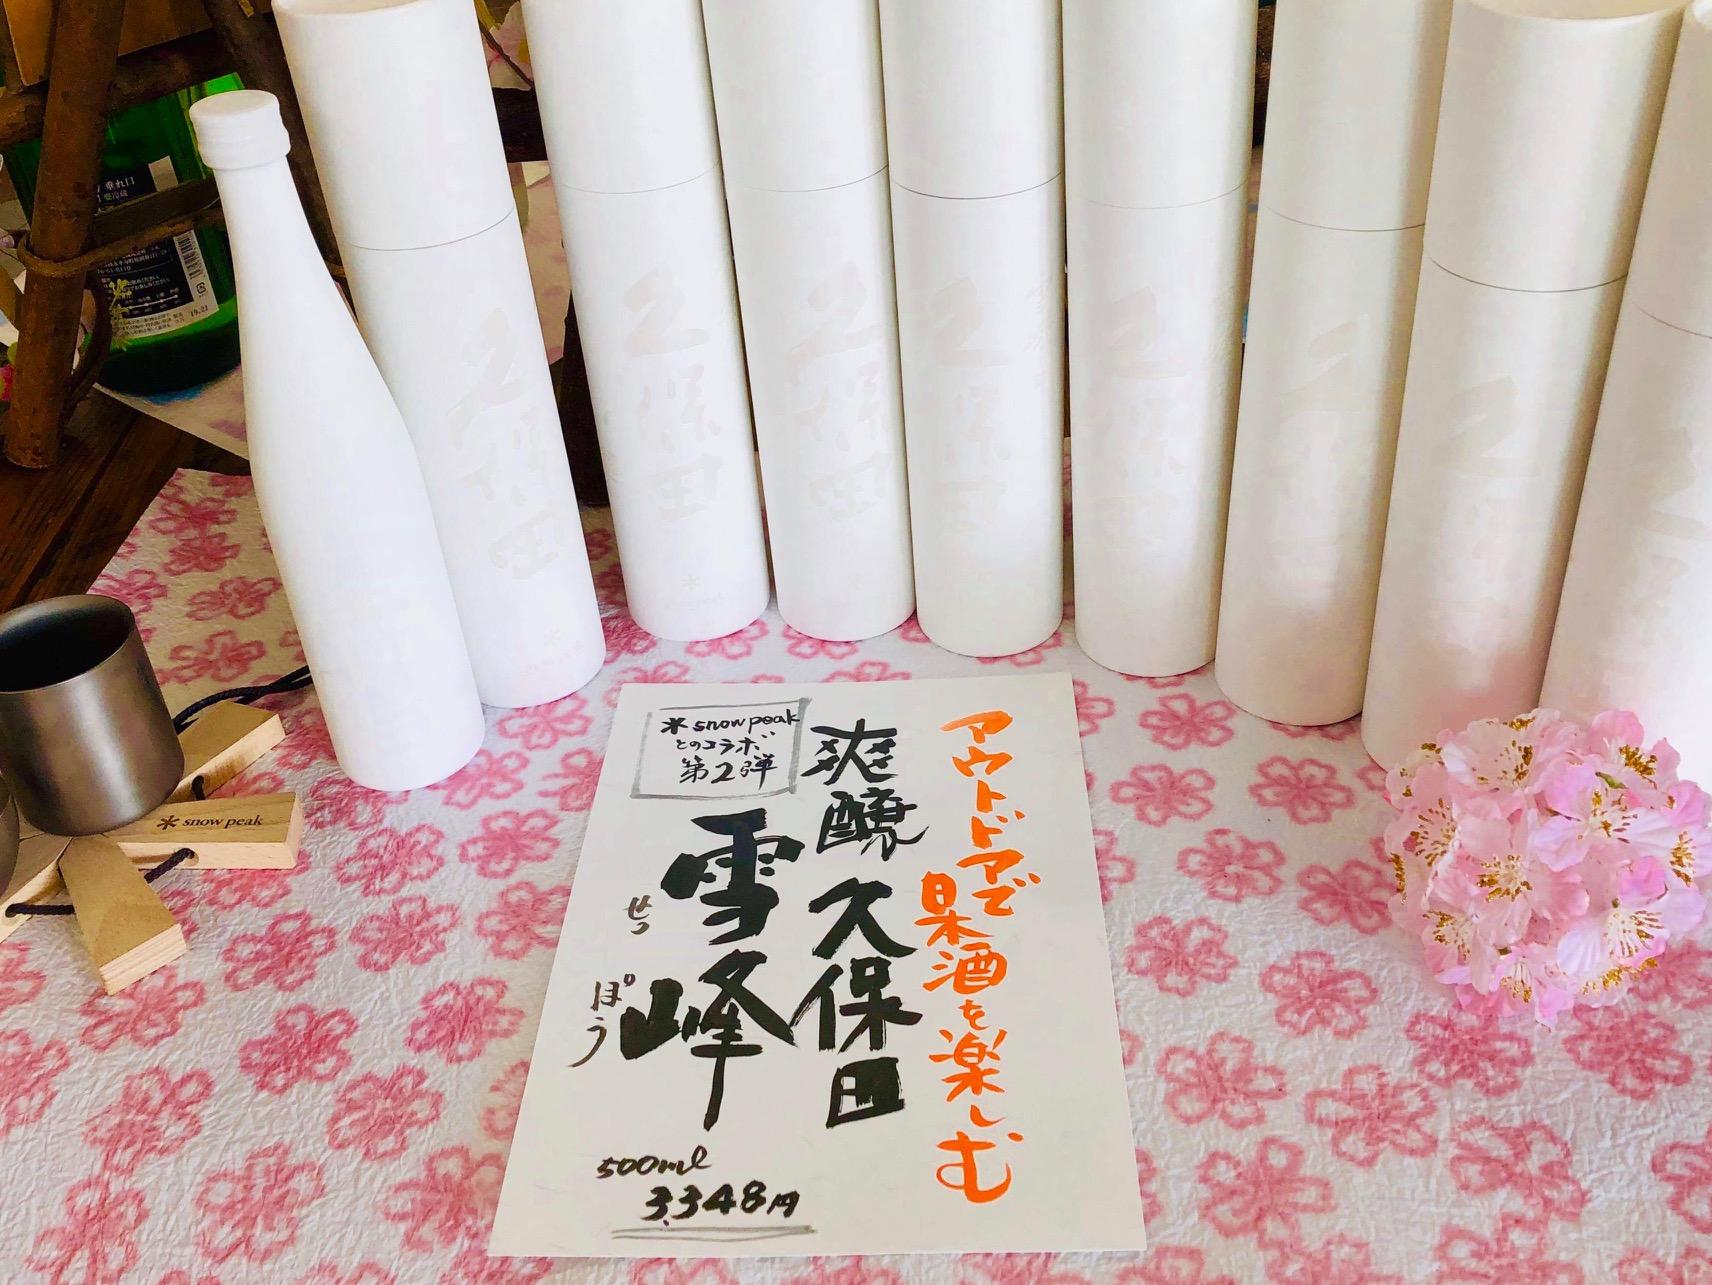 八重巻酒店が紹介する、アウトドアブランド「snowpeak」とのコラボ酒。福井の女性を応援するくらし情報、くらしくふくい。